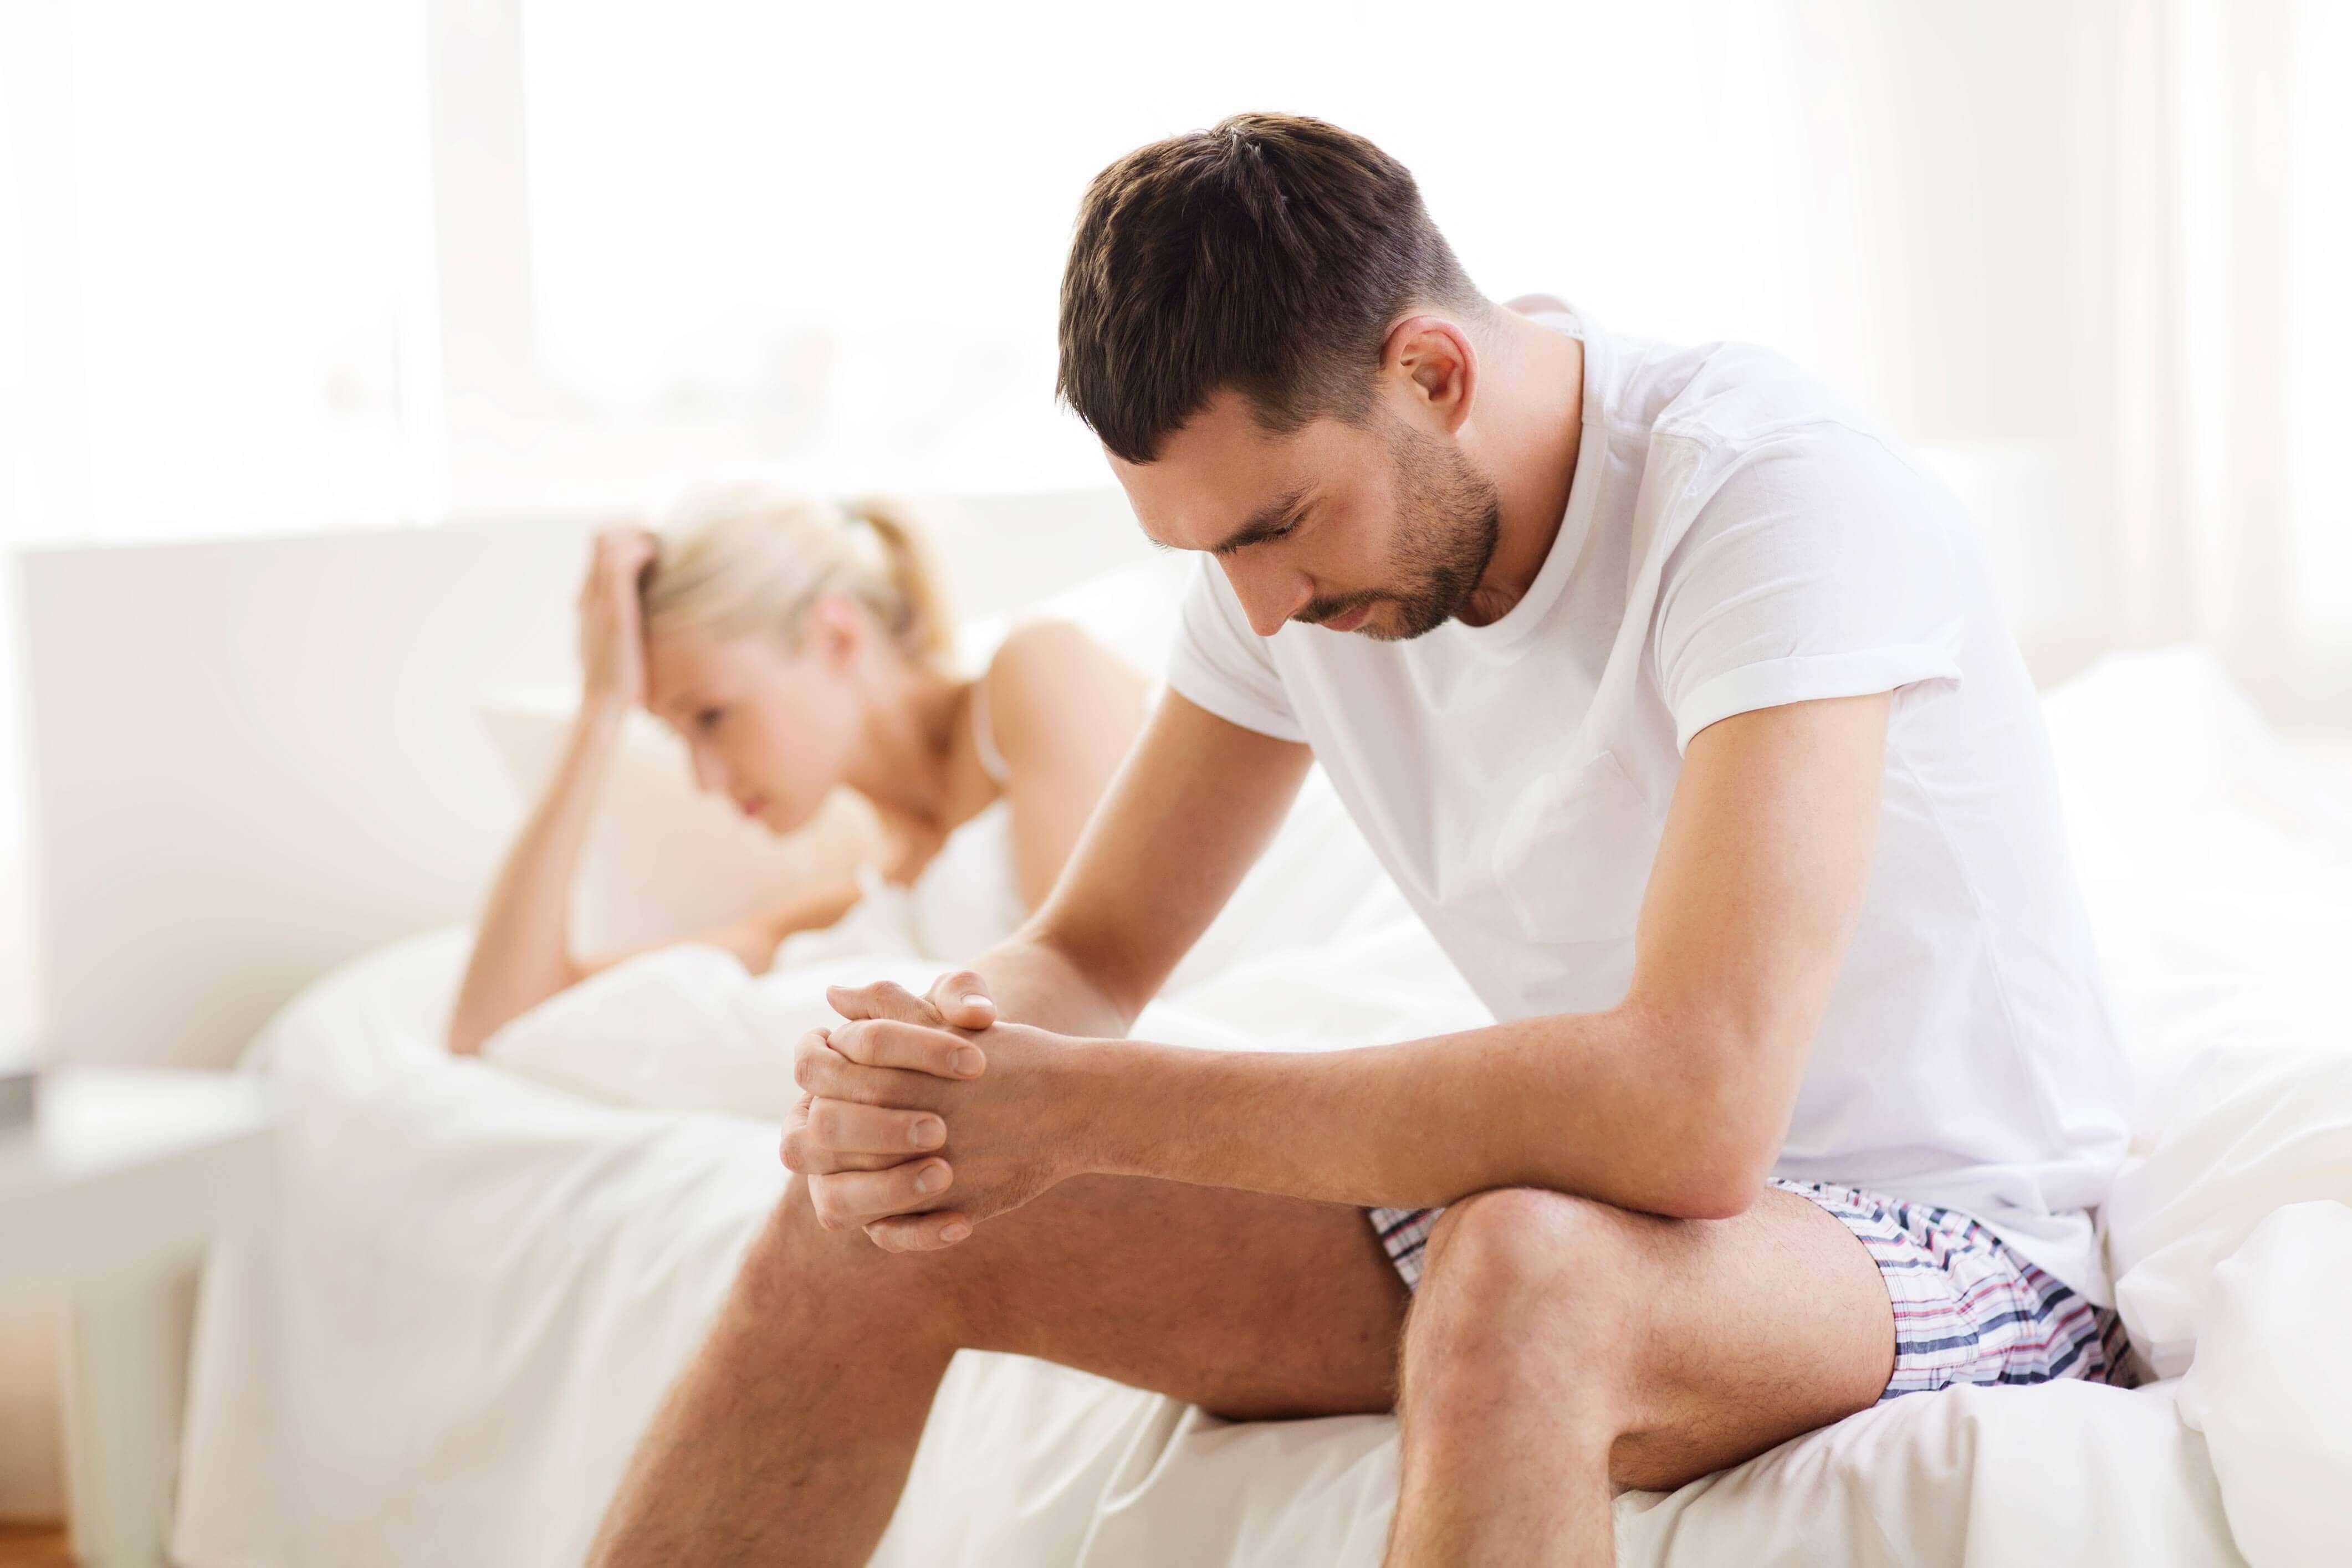 probleme sexuale barbati